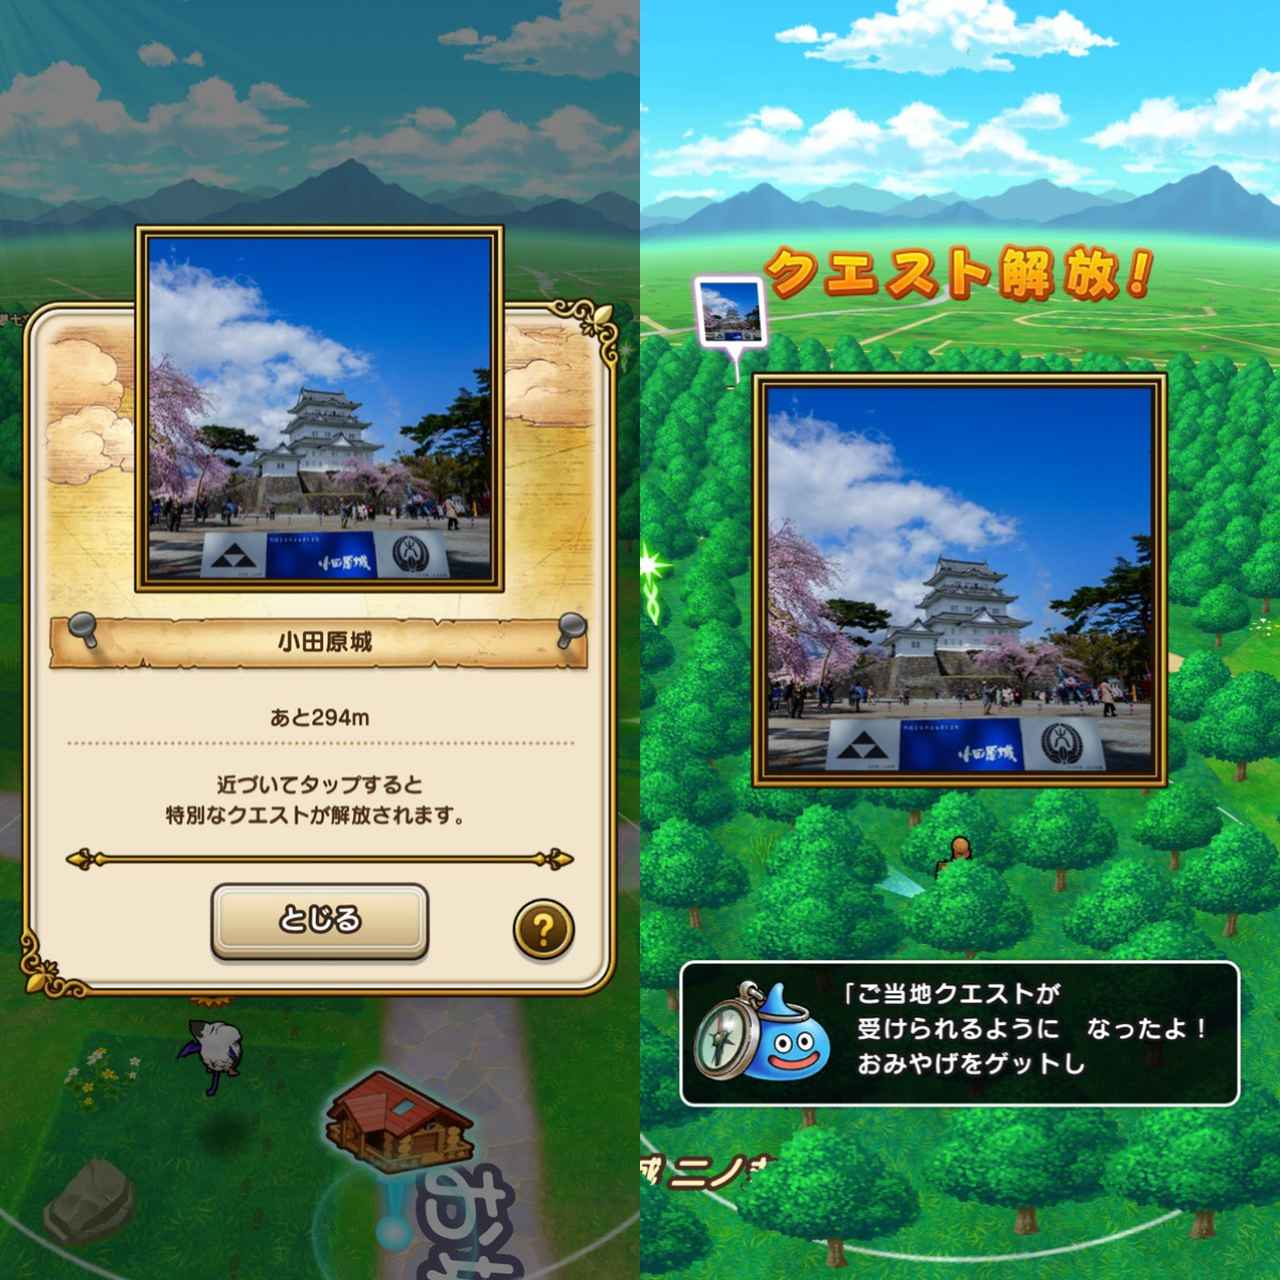 画像1: 神奈川のお土産をコンプリートしてみました!